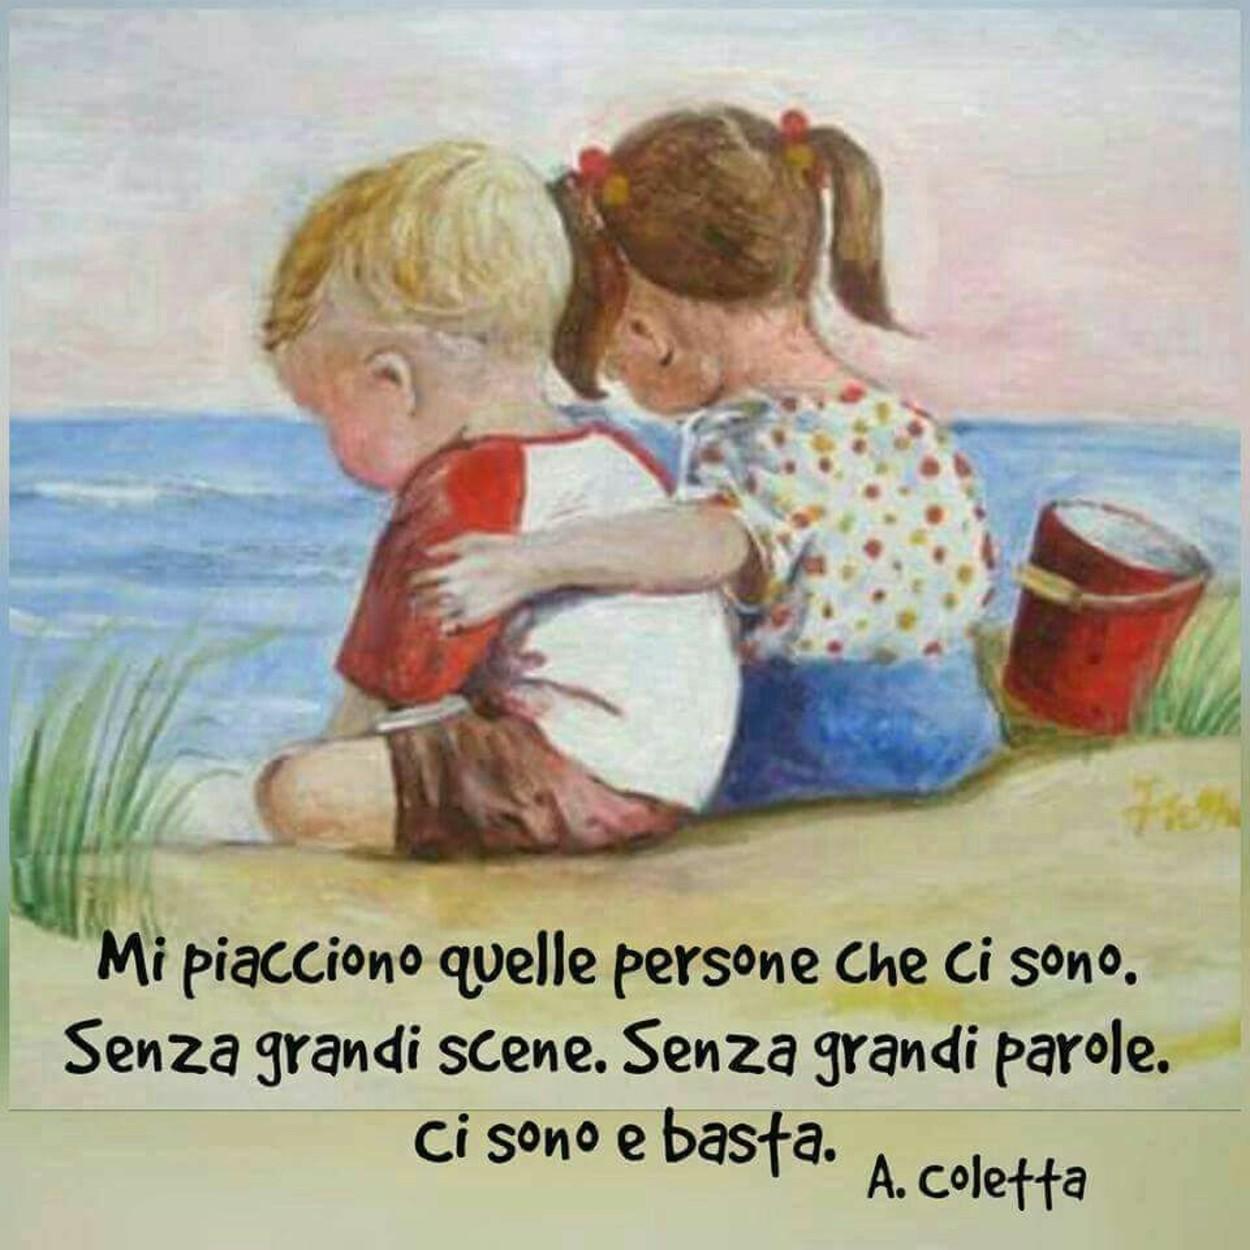 Per te Pasq amica mia...con tutto il mio affetto!  *_*